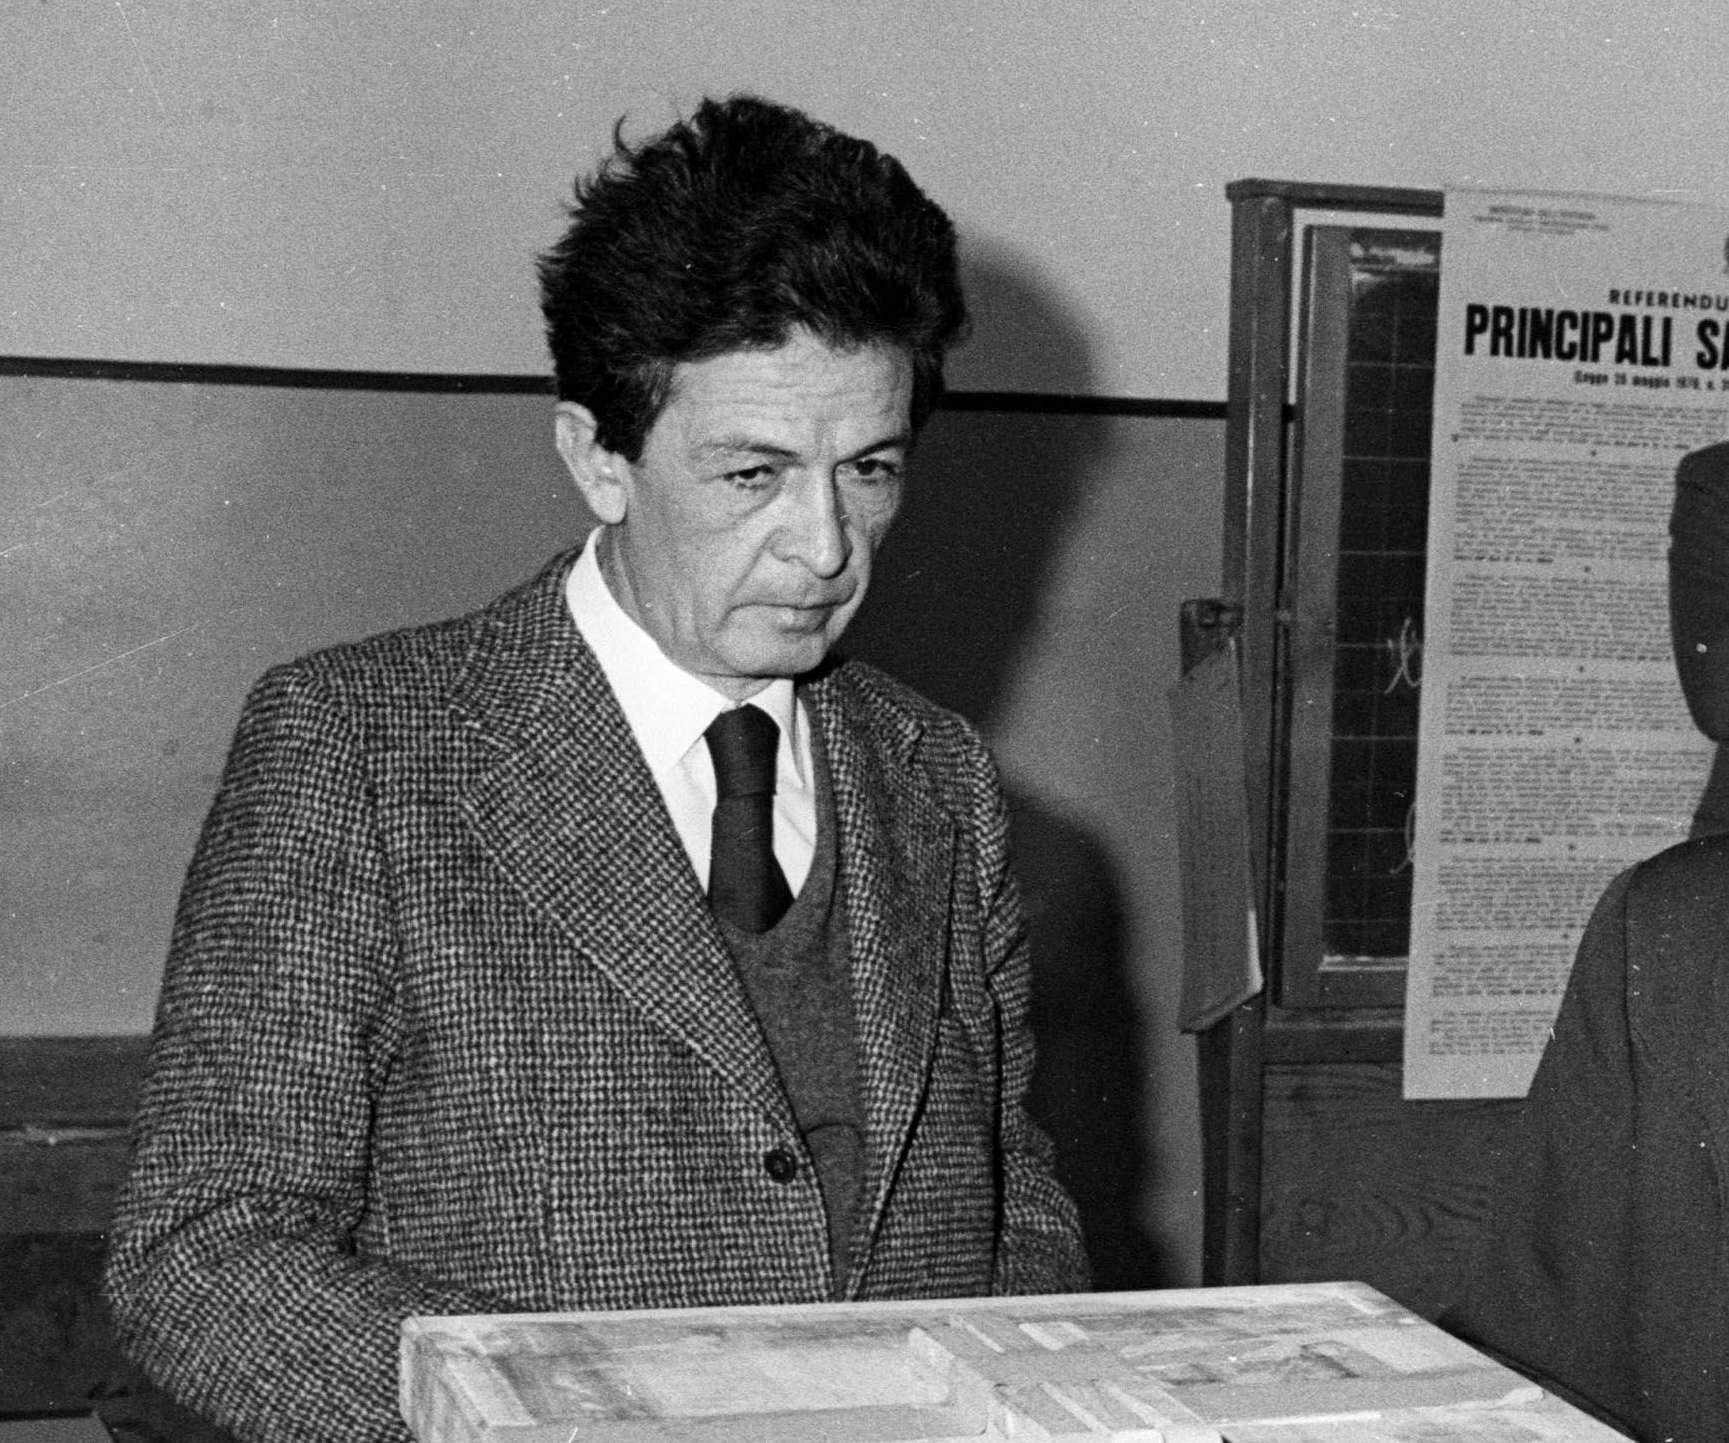 'Con gli occhi di Mario': cento foto per ricordare Enrico Berlinguer